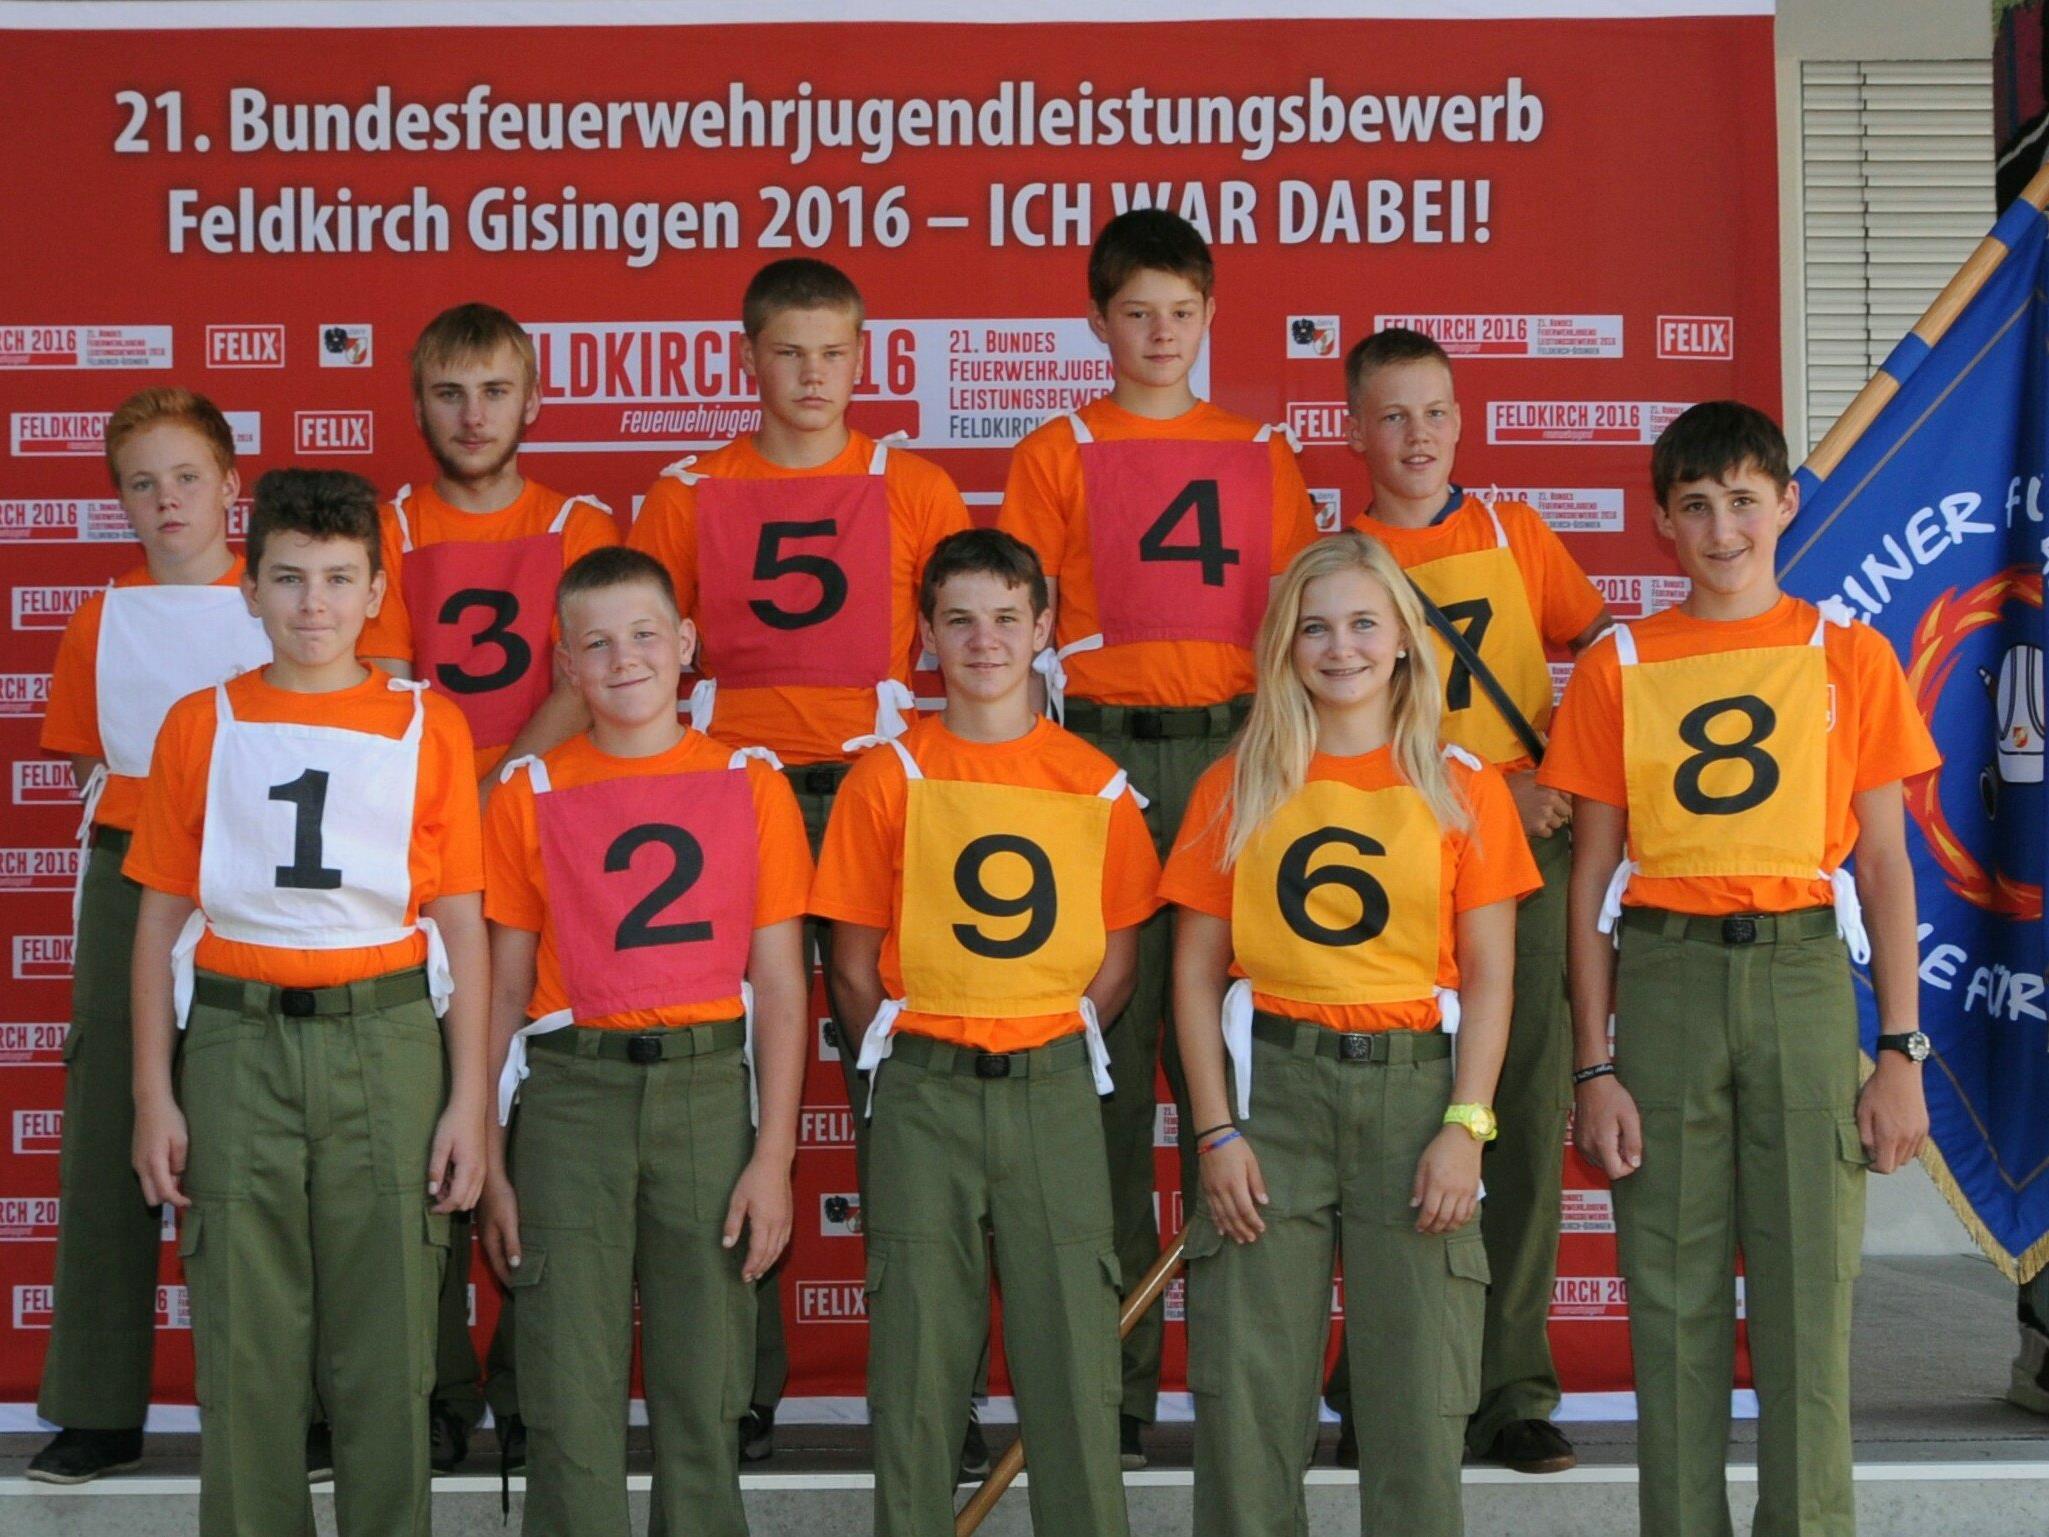 Bundesfeuerwehrjugendleistungsbewerb  in Feldkirch-Gisingen 2016